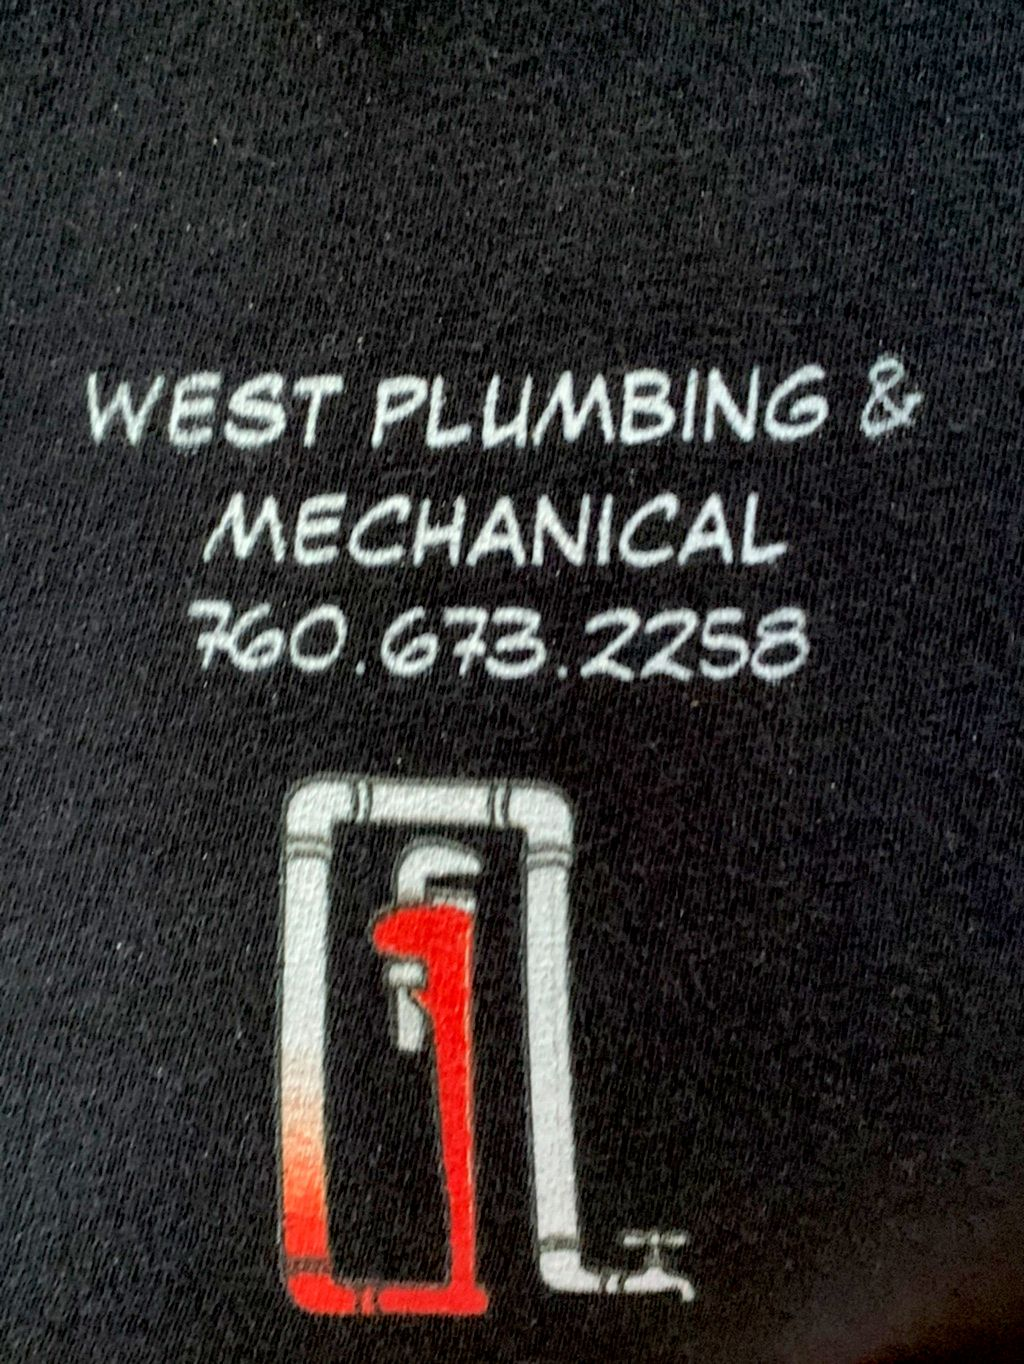 West Plumbing & Mechanical